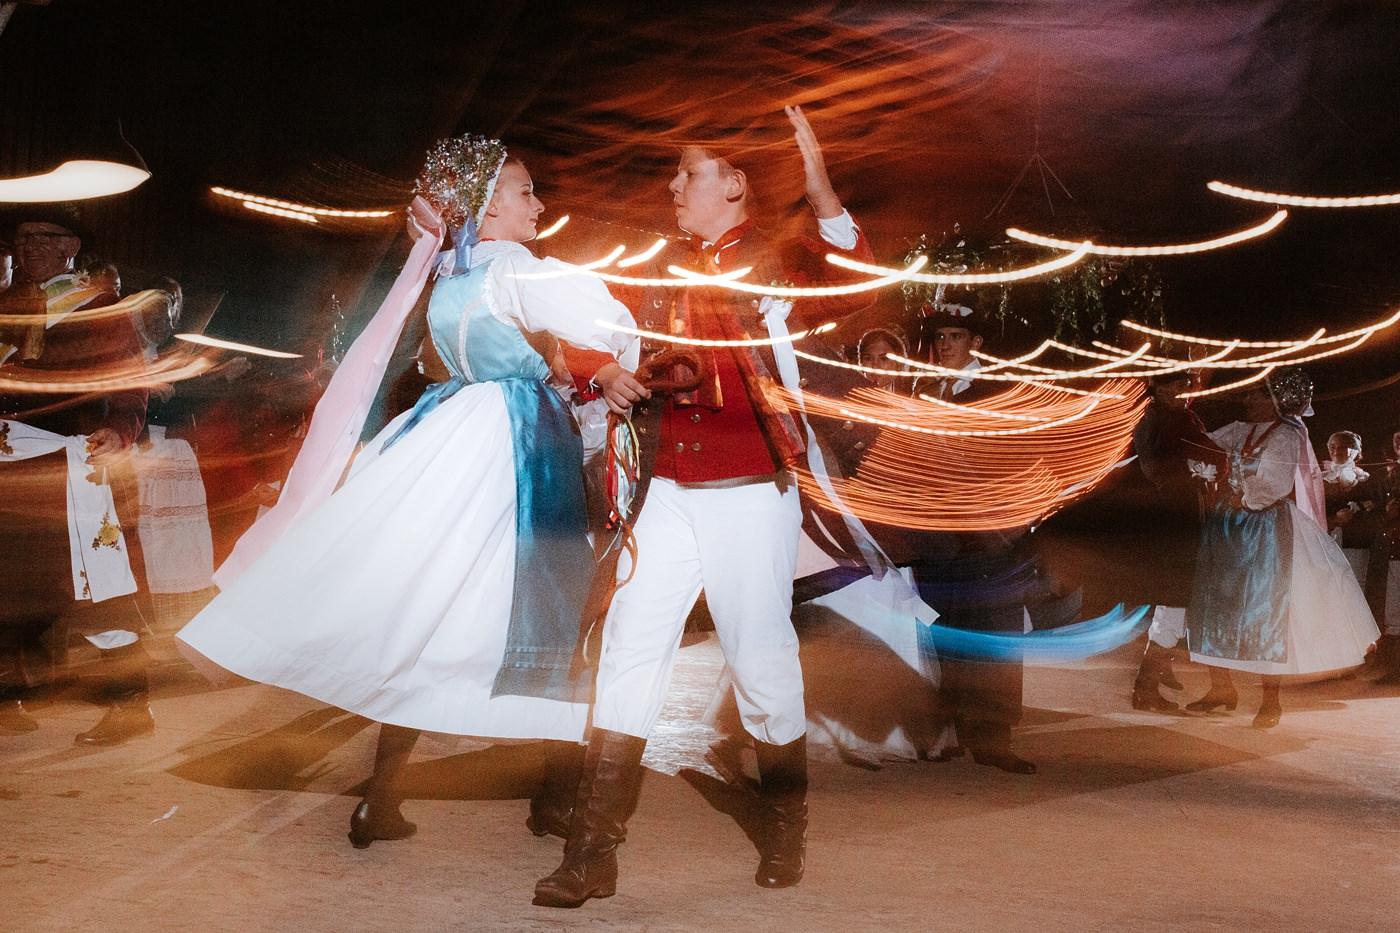 Dominika & Aleksander - Rustykalne wesele w stodole - Baborówko 143